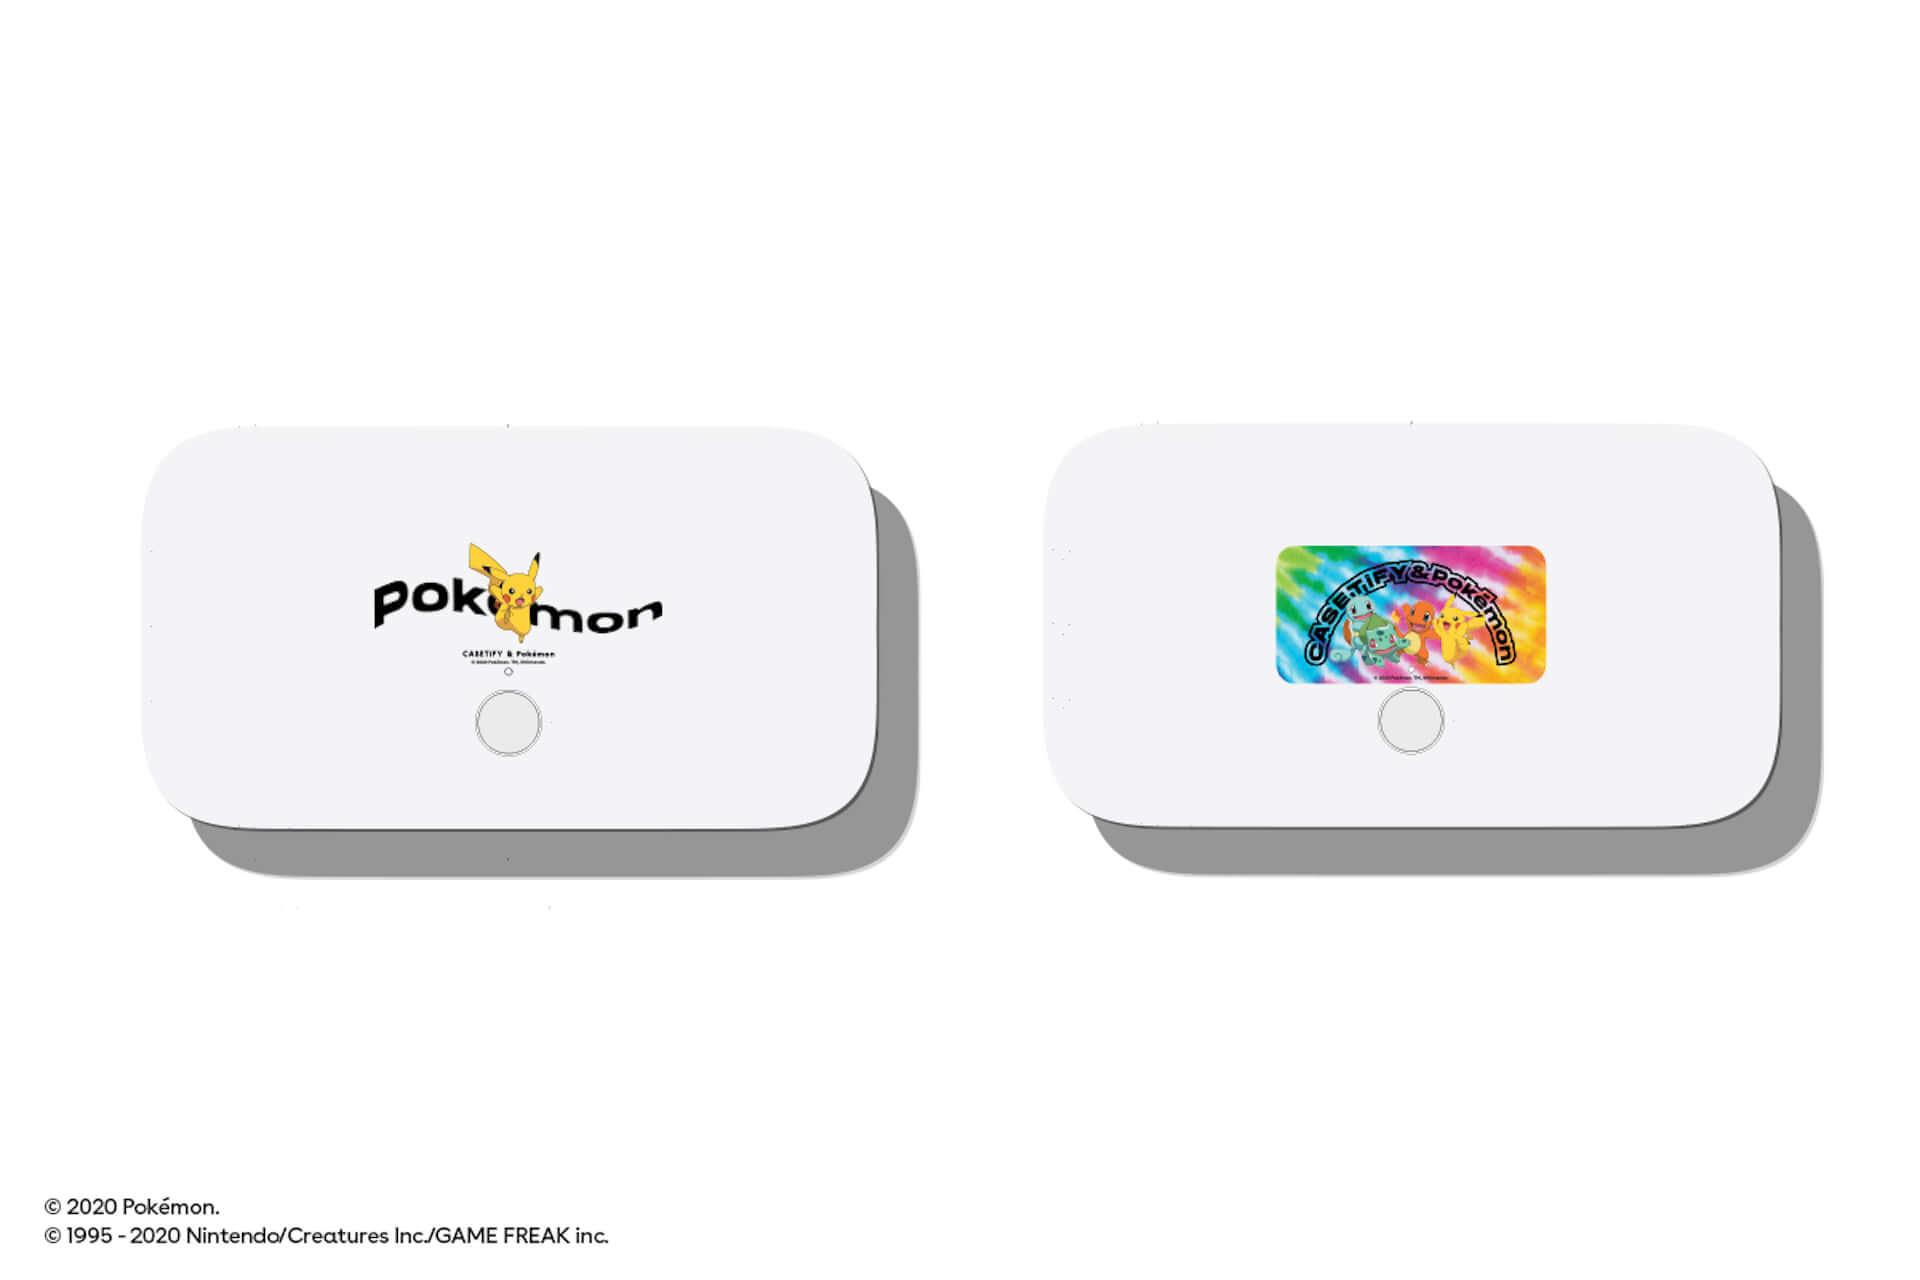 CASETiFYとポケモンの再タッグが実現!新コレクション第1弾にiPhoneケース、ワイヤレスチャージャー等が発売決定 tech200727_casetify-pokemon_20-1920x1280